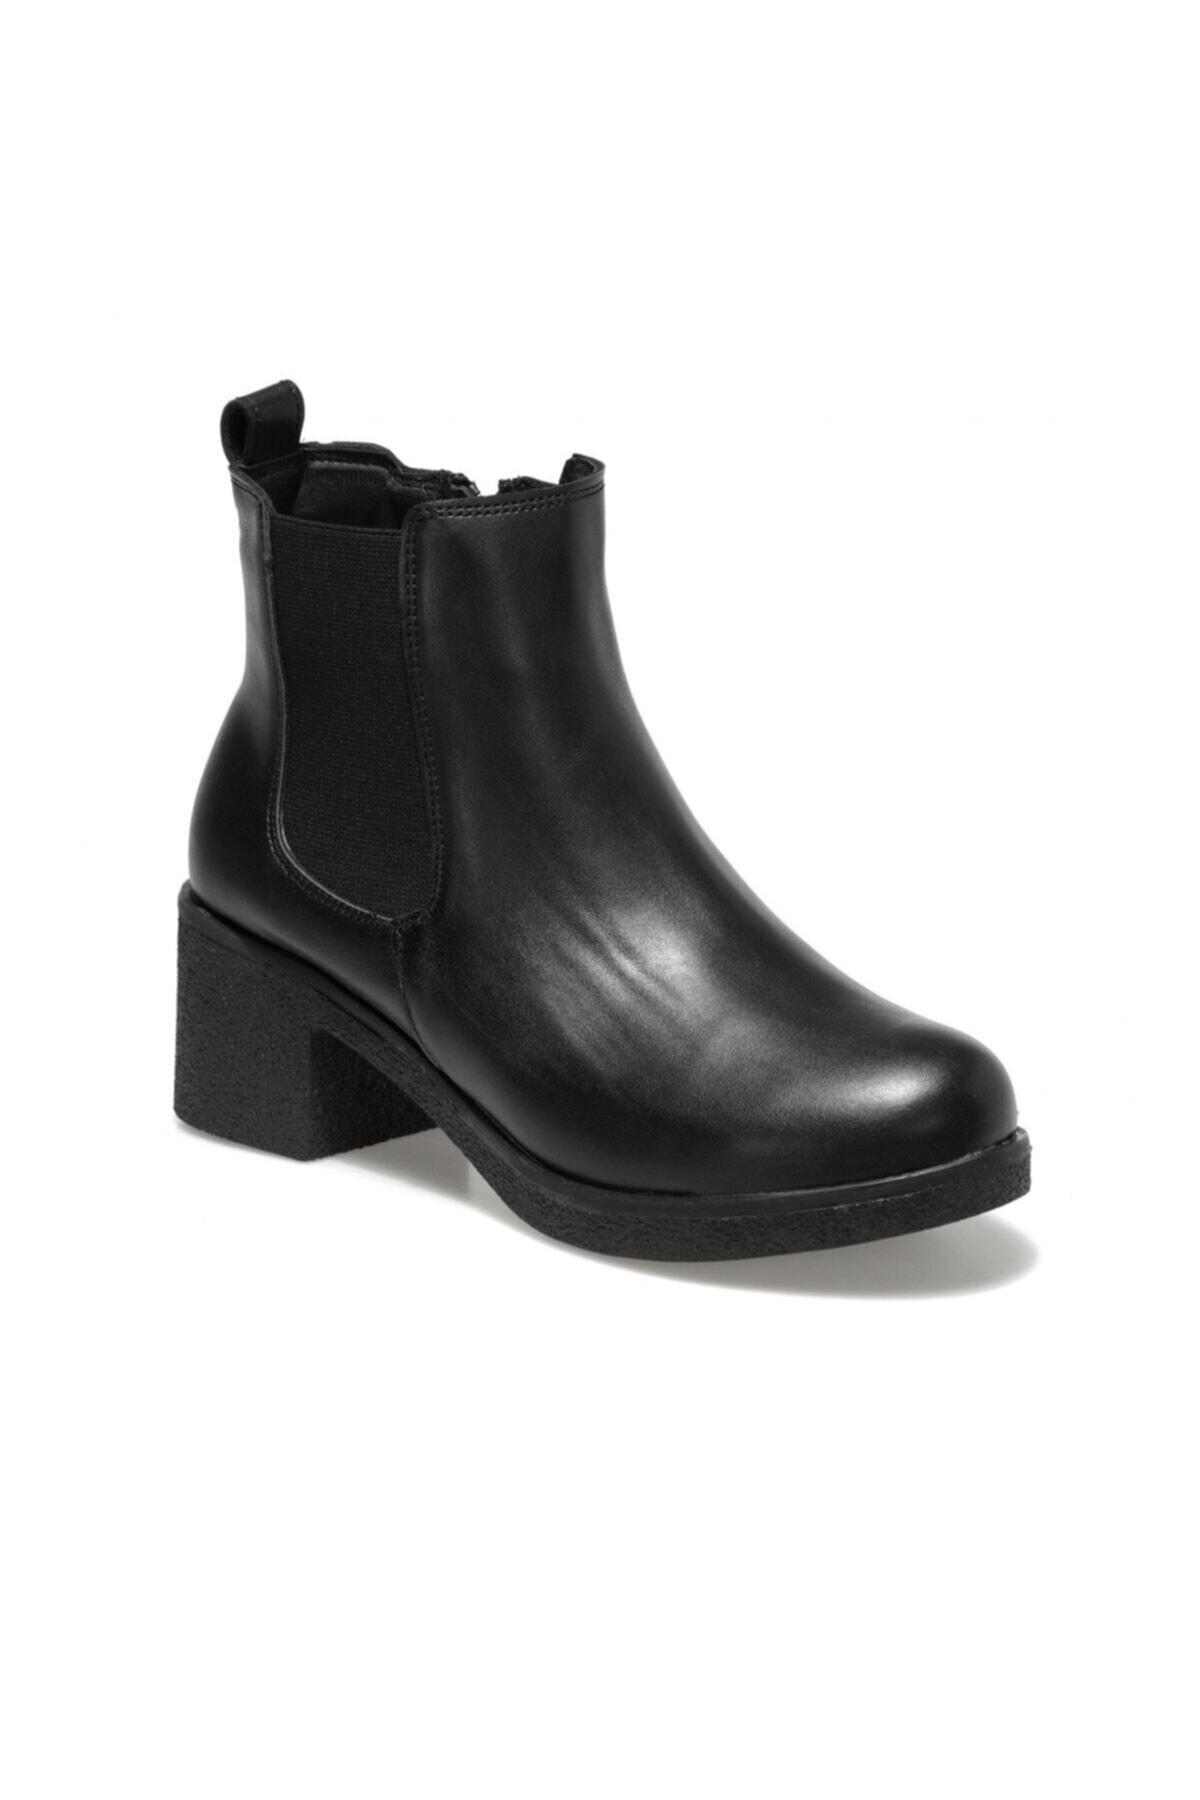 Polaris 161286.z Siyah Kadın Comfort Ayakkabı